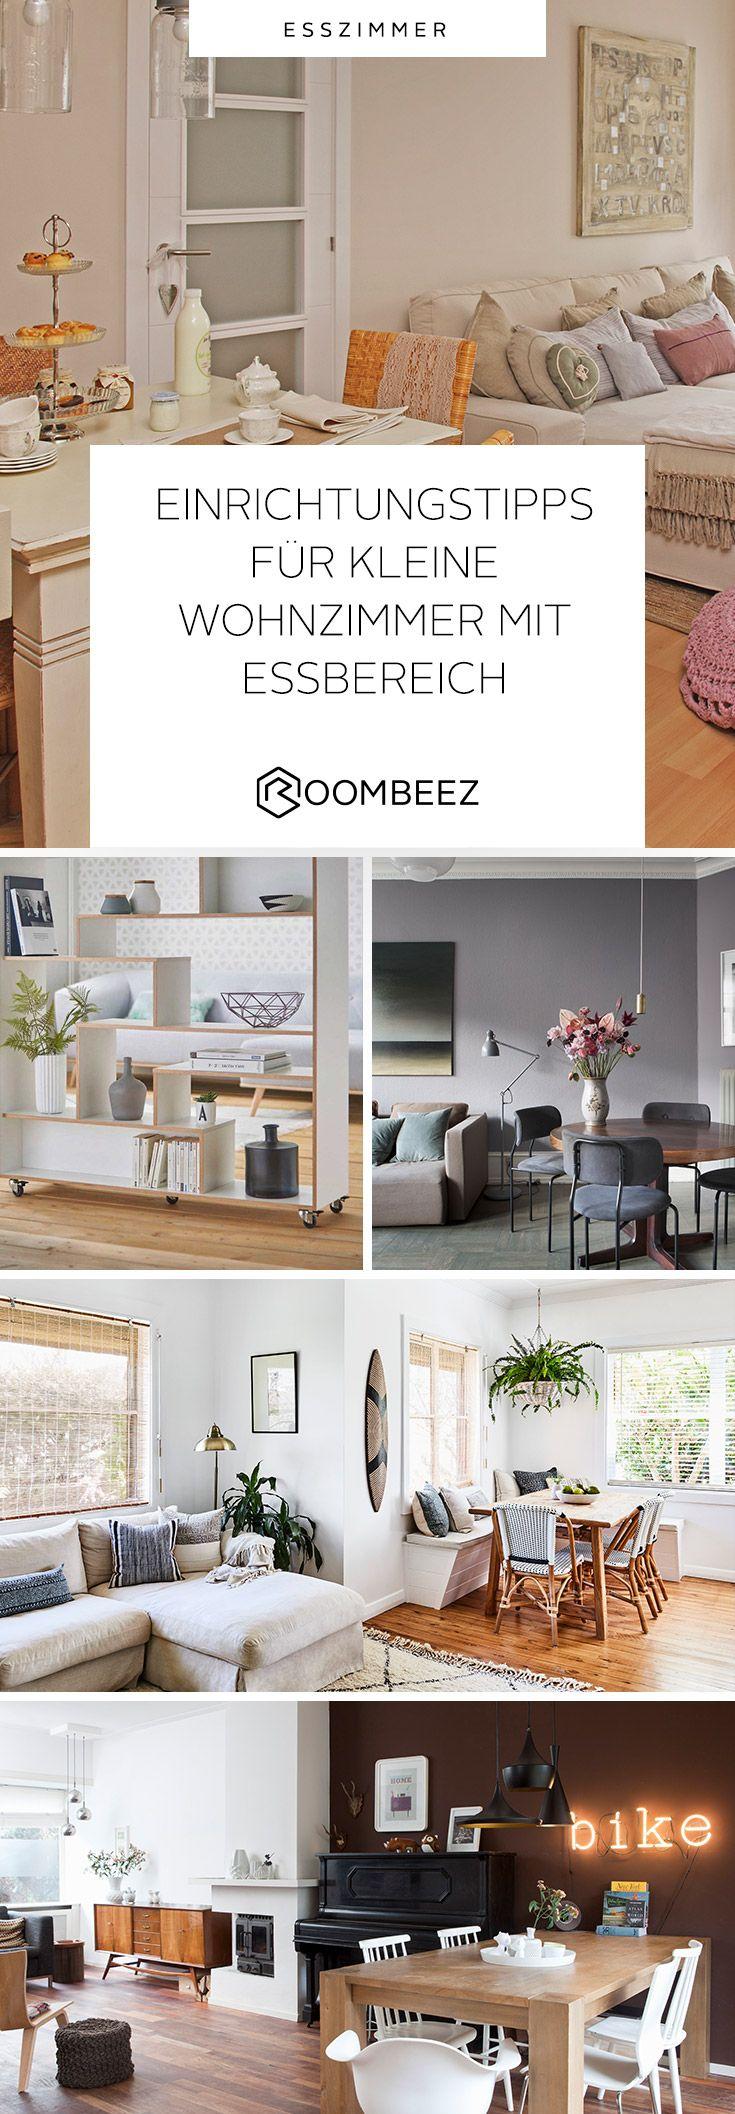 kleines wohnzimmer mit essbereich einrichtungstipps roombeez